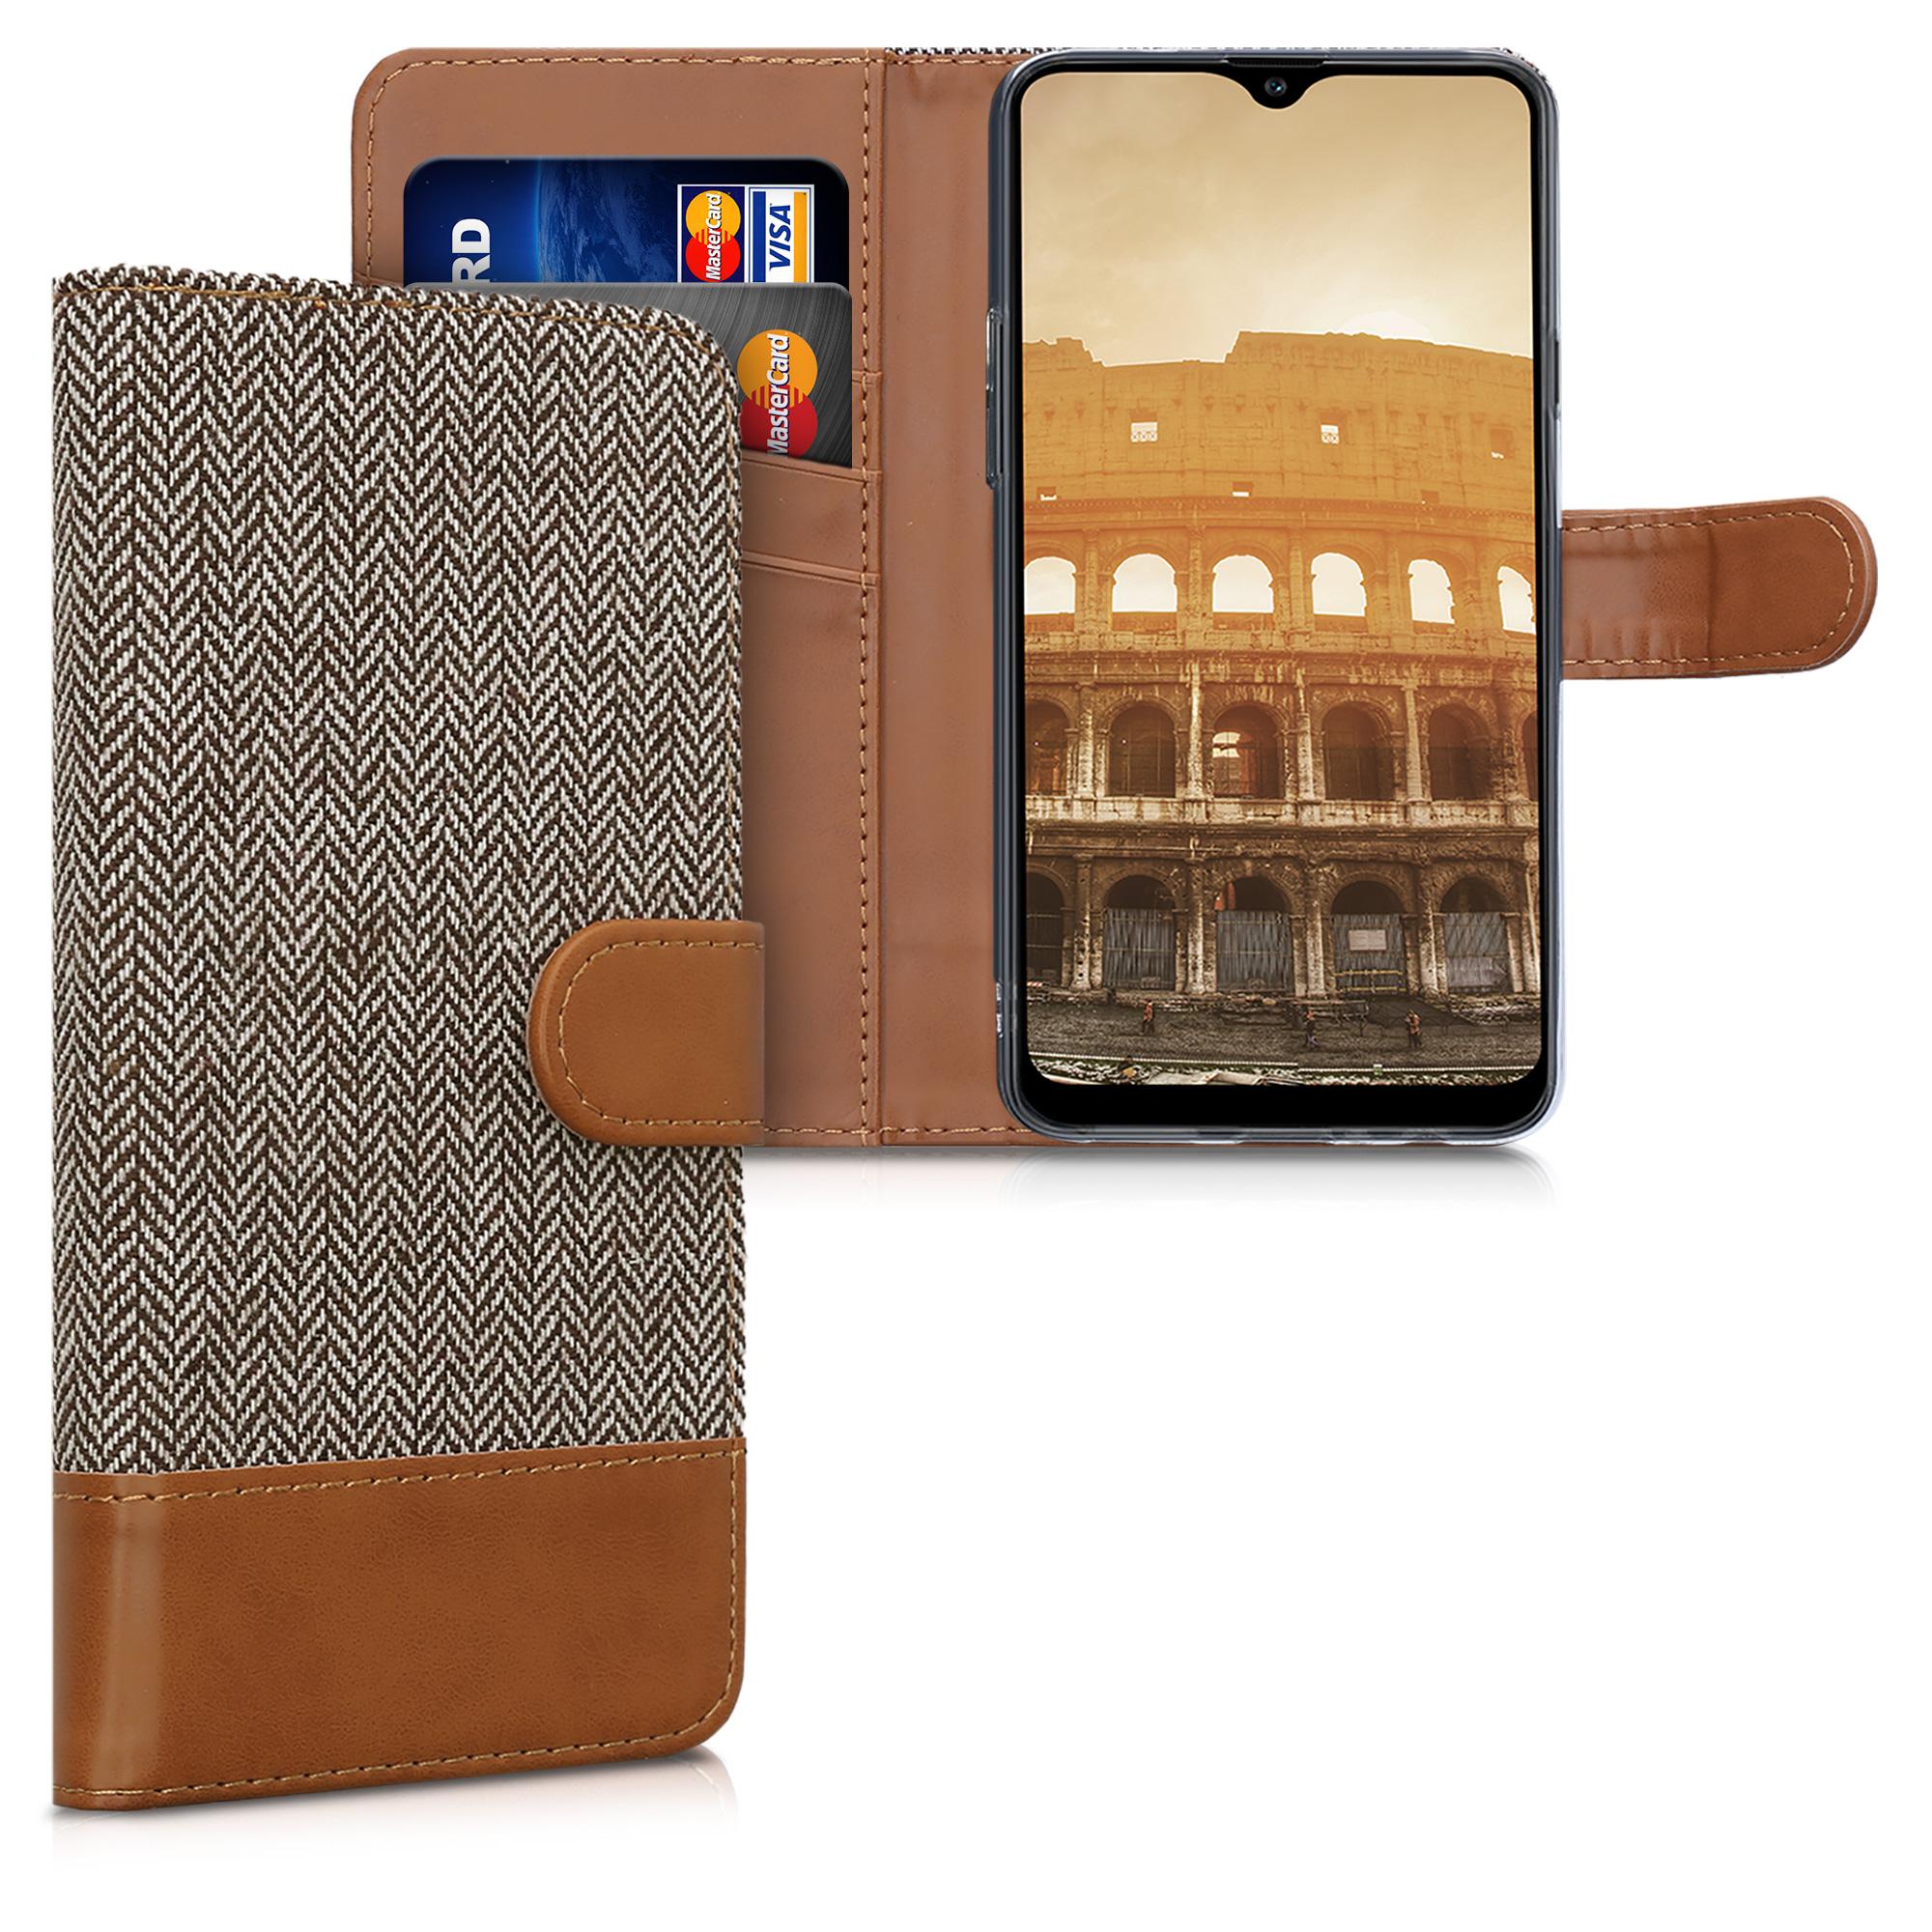 Fabricpouzdro pro Samsung A20s - světle  šedé / hnědá